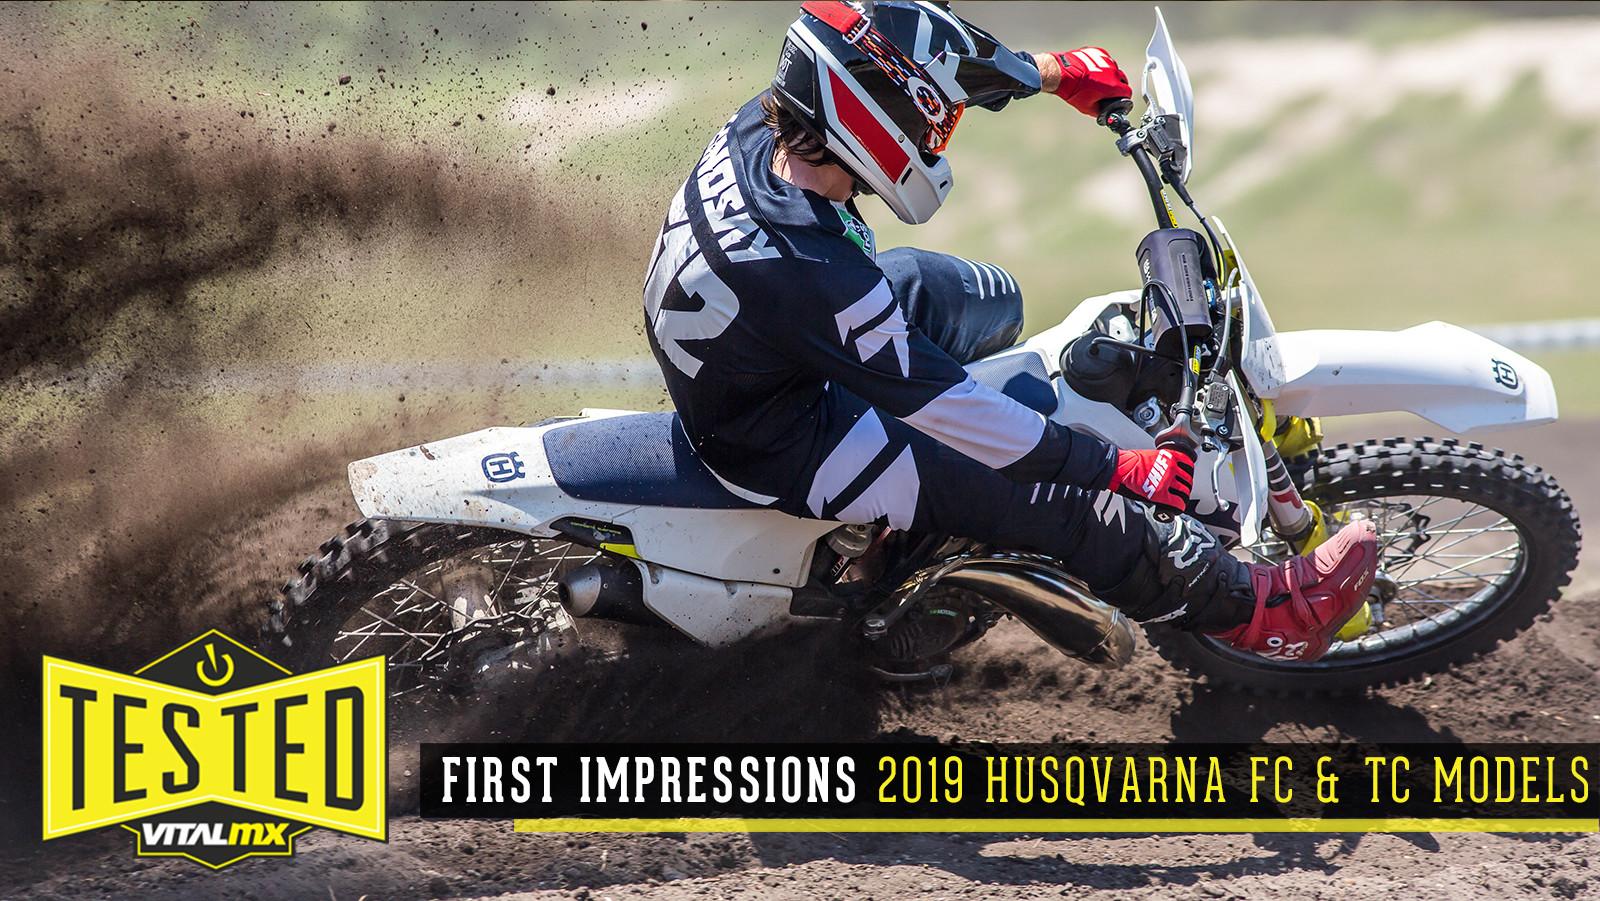 First Impressions: 2019 Husqvarna FC 250, FC 350, FC 450, TC 125 & TC 250